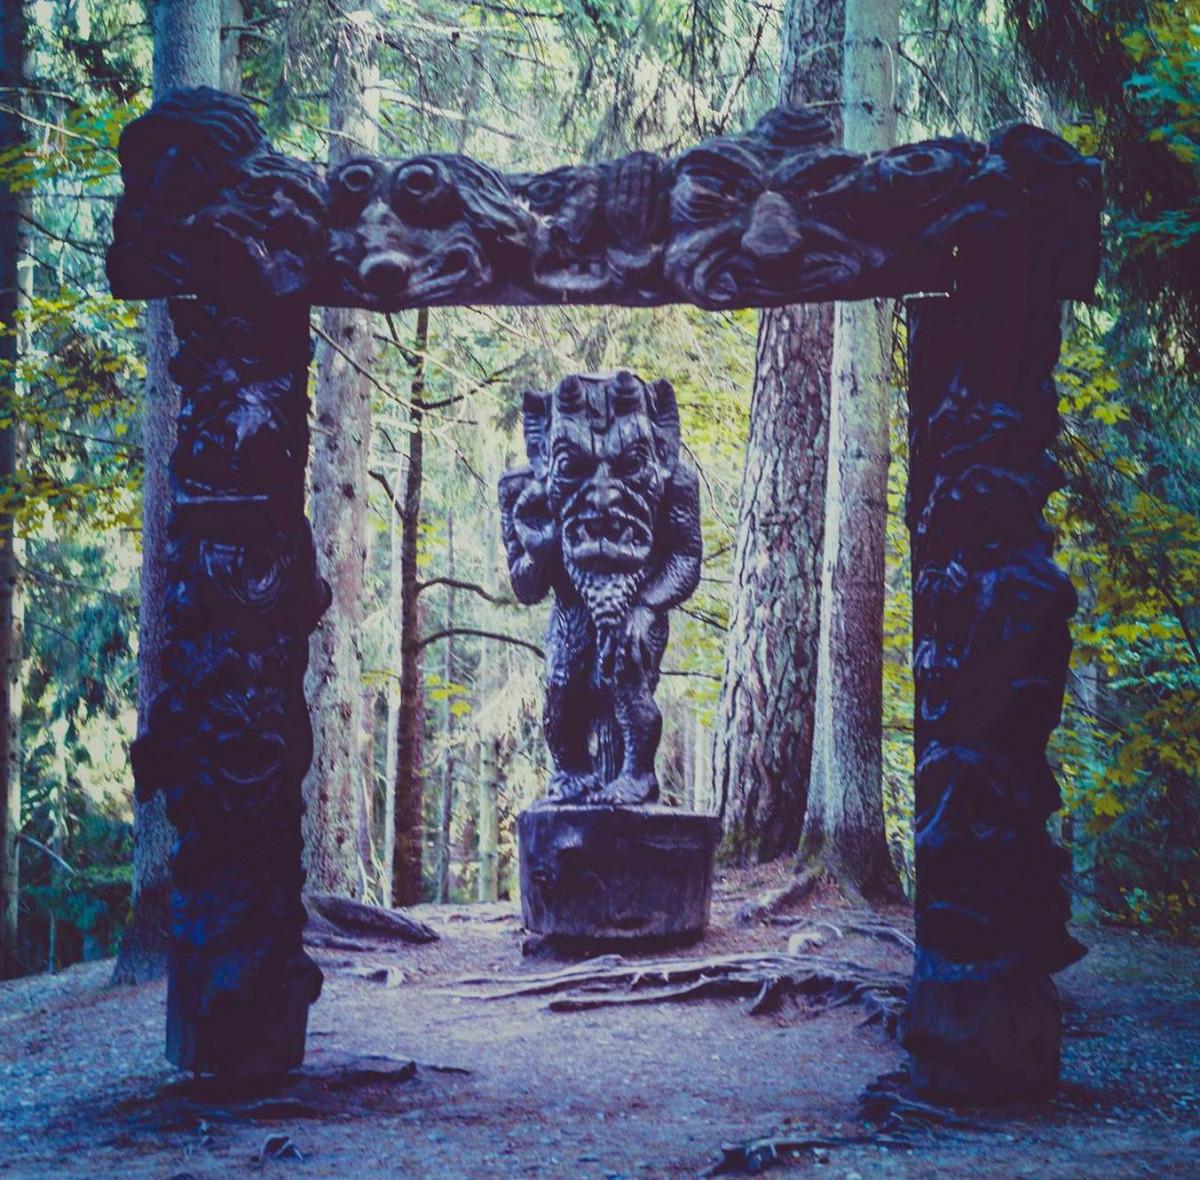 Juodkrantės Raganų kalne užvirė darbas – medžio skulptūras ruošia šaltajam sezonui